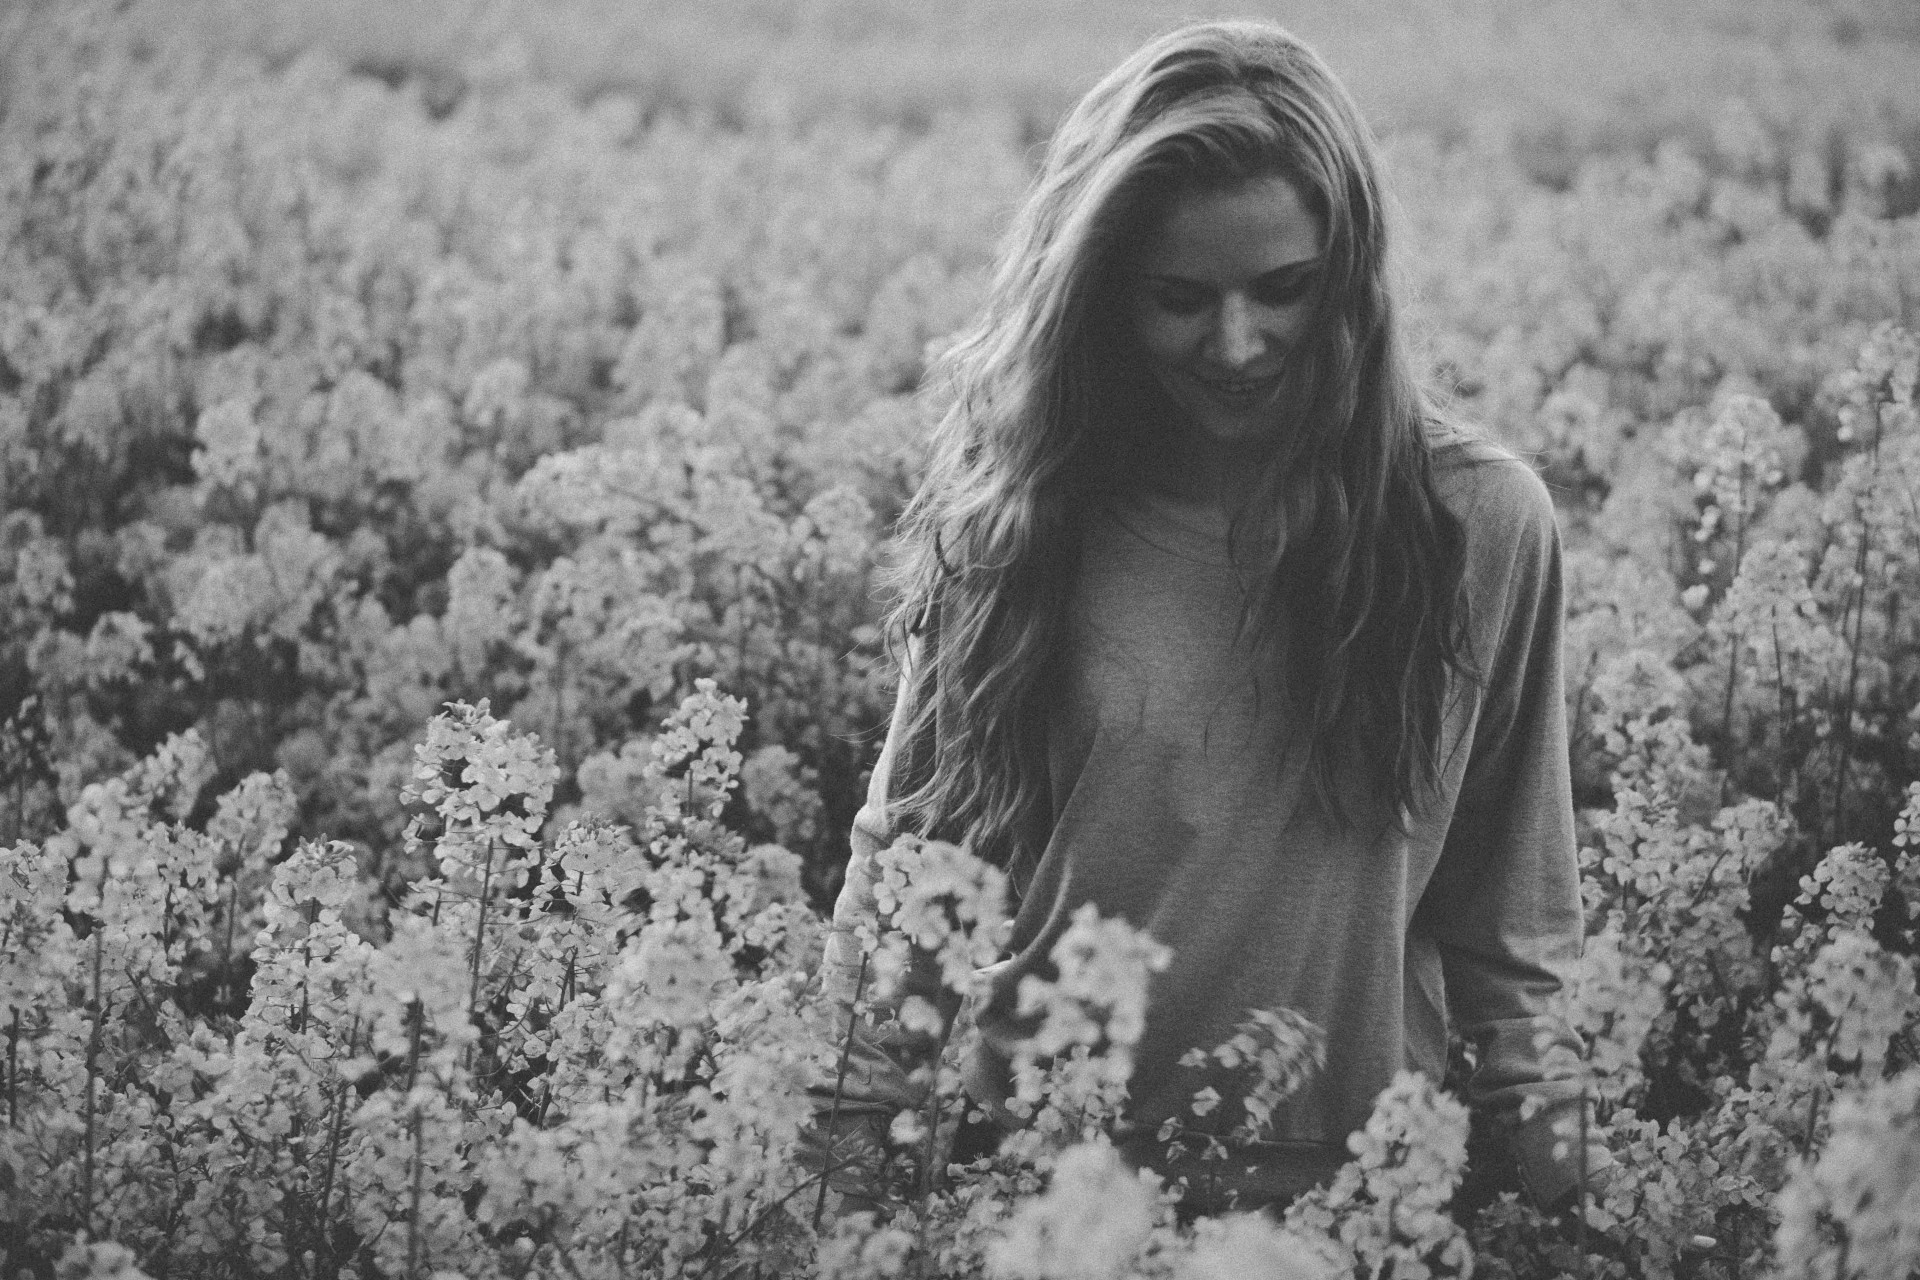 Sabrina_Lieb_Porträts_4